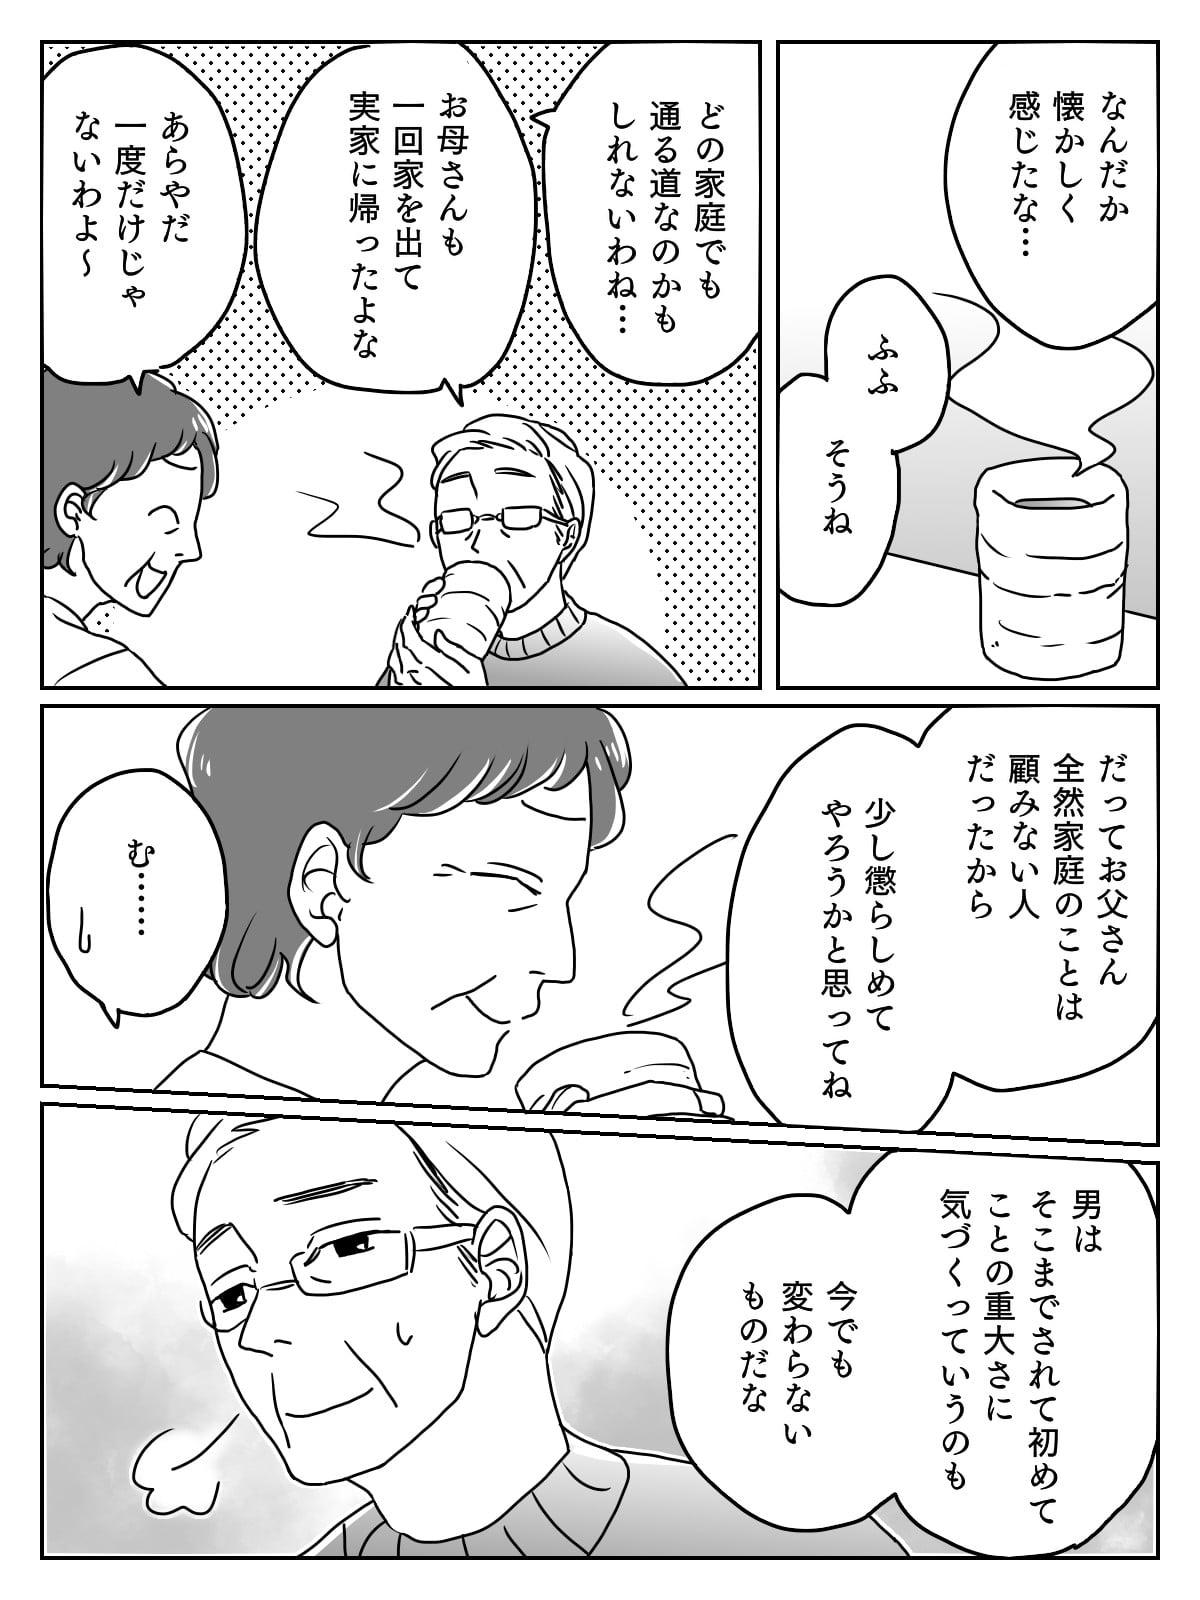 辷カ豈咲キィ02